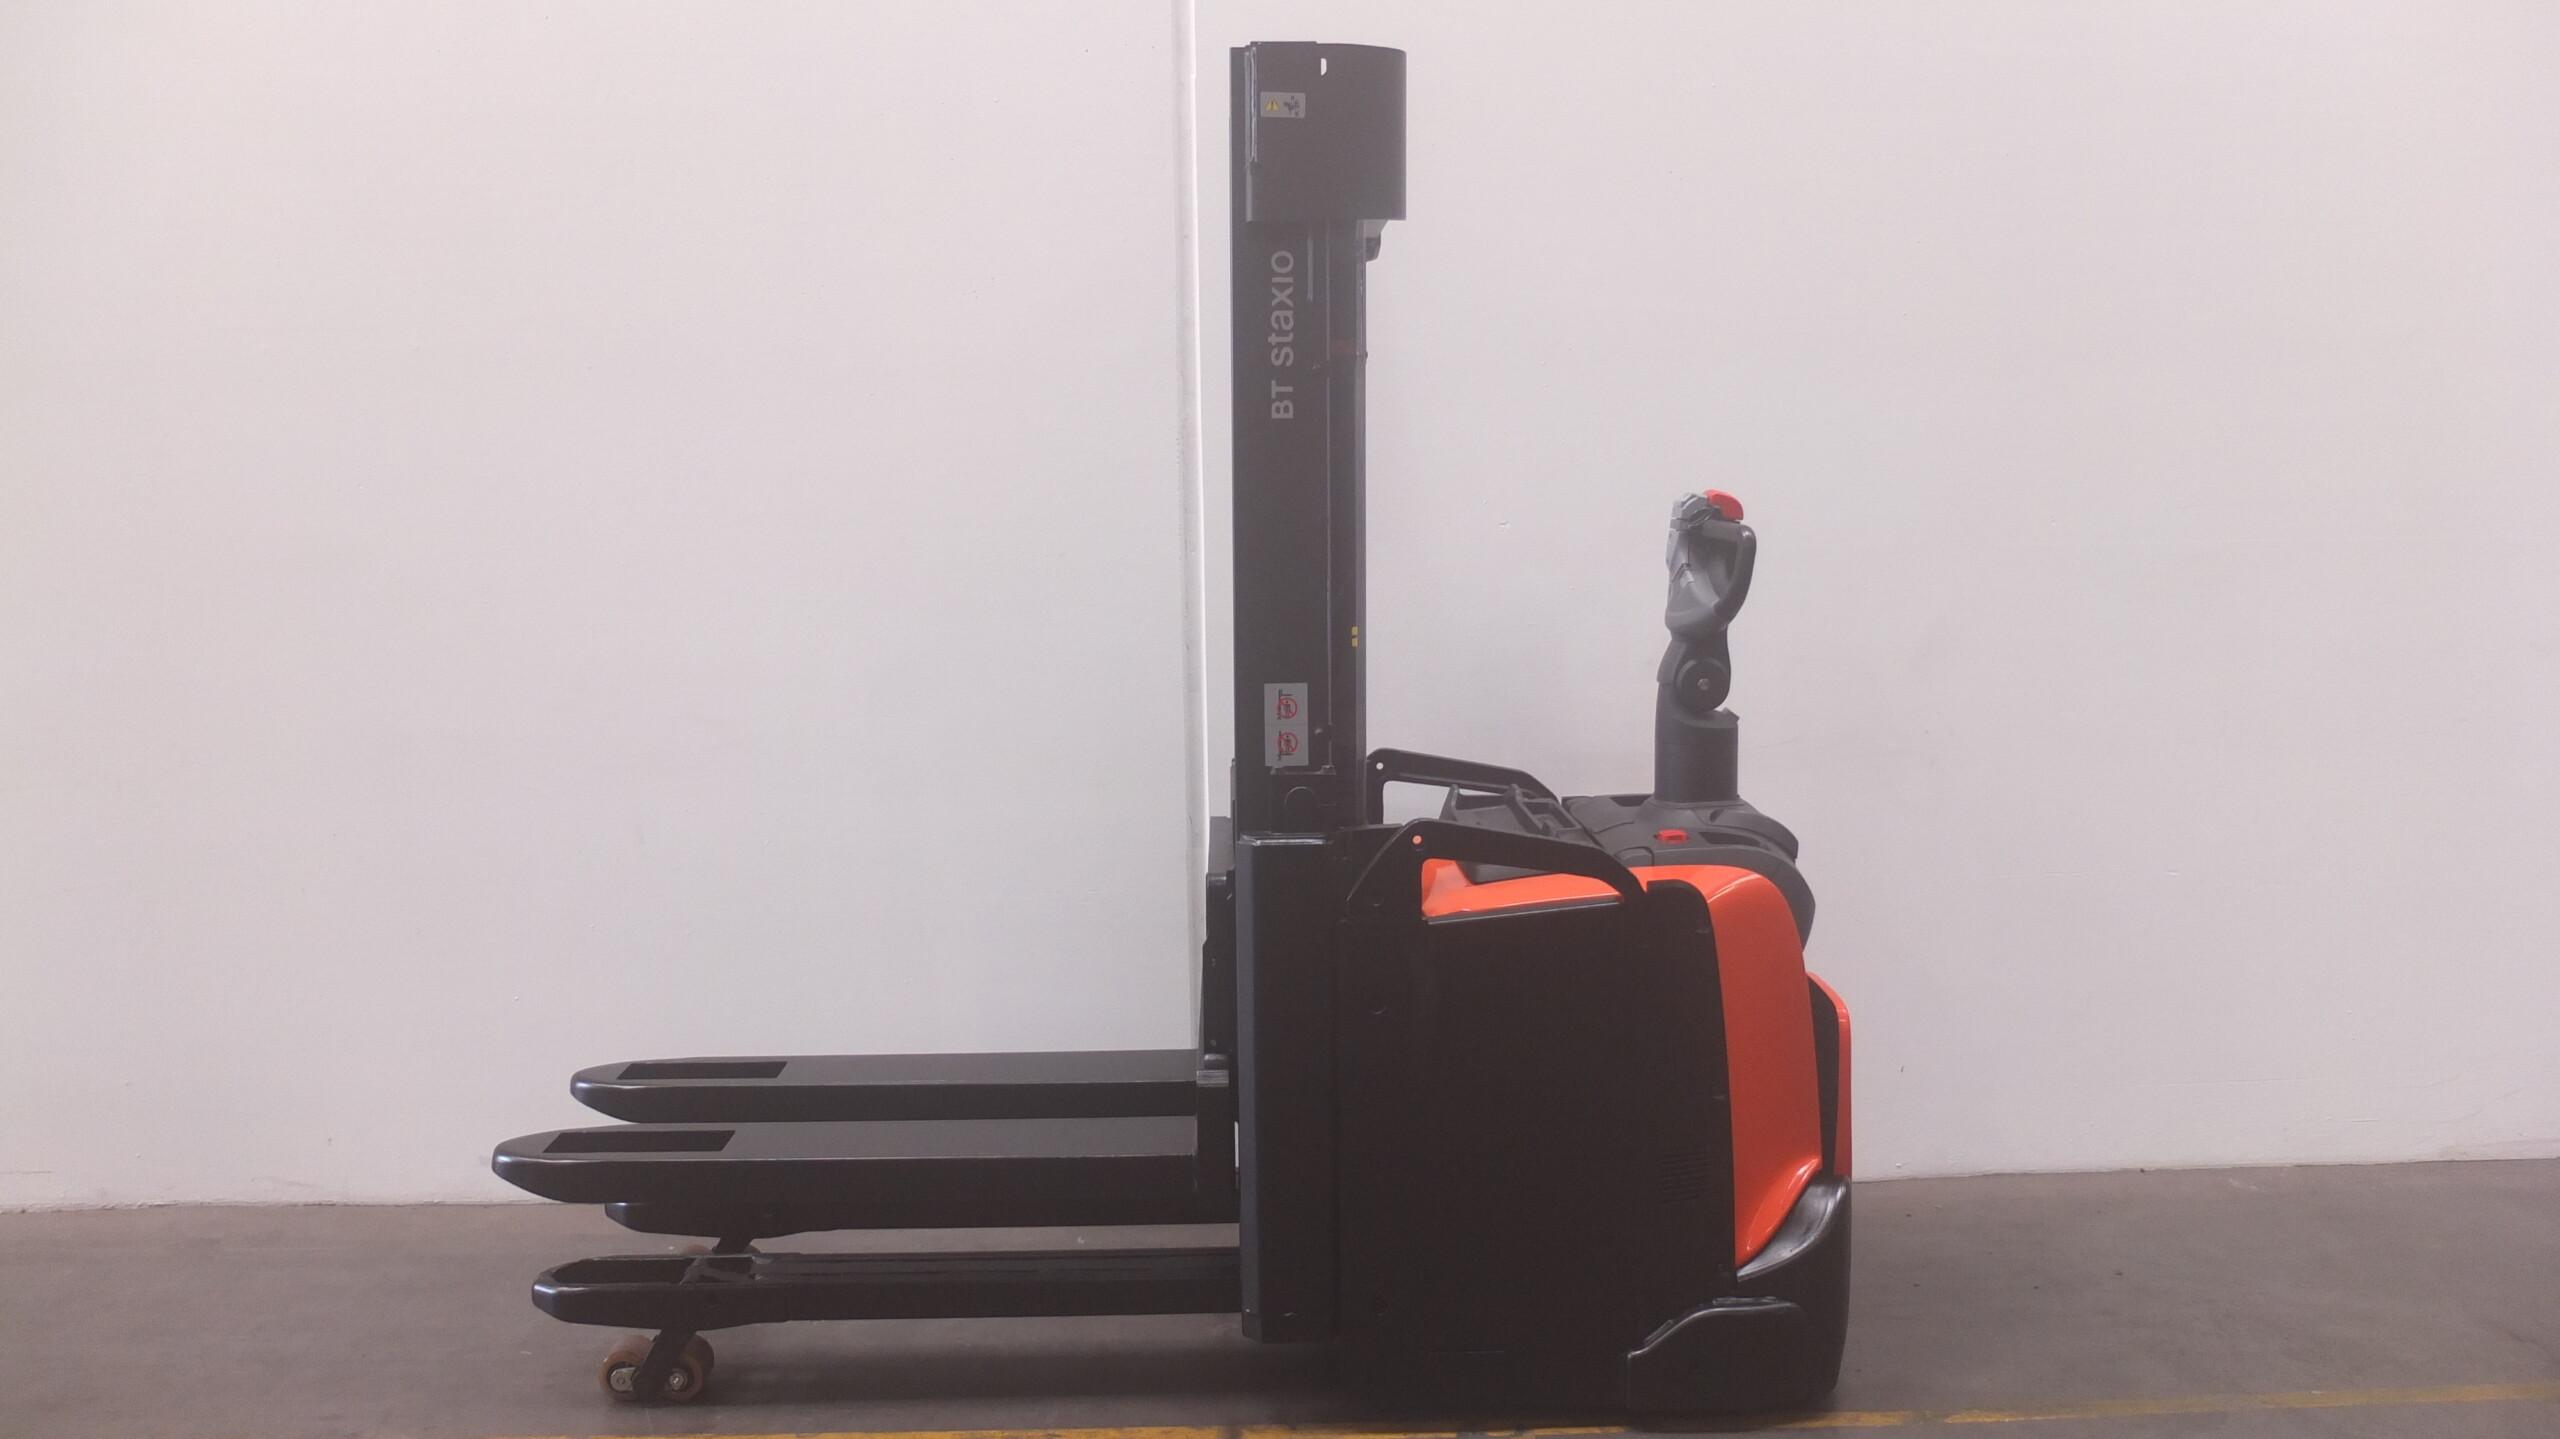 Toyota-Gabelstapler-59840 1708018799 1 92 scaled